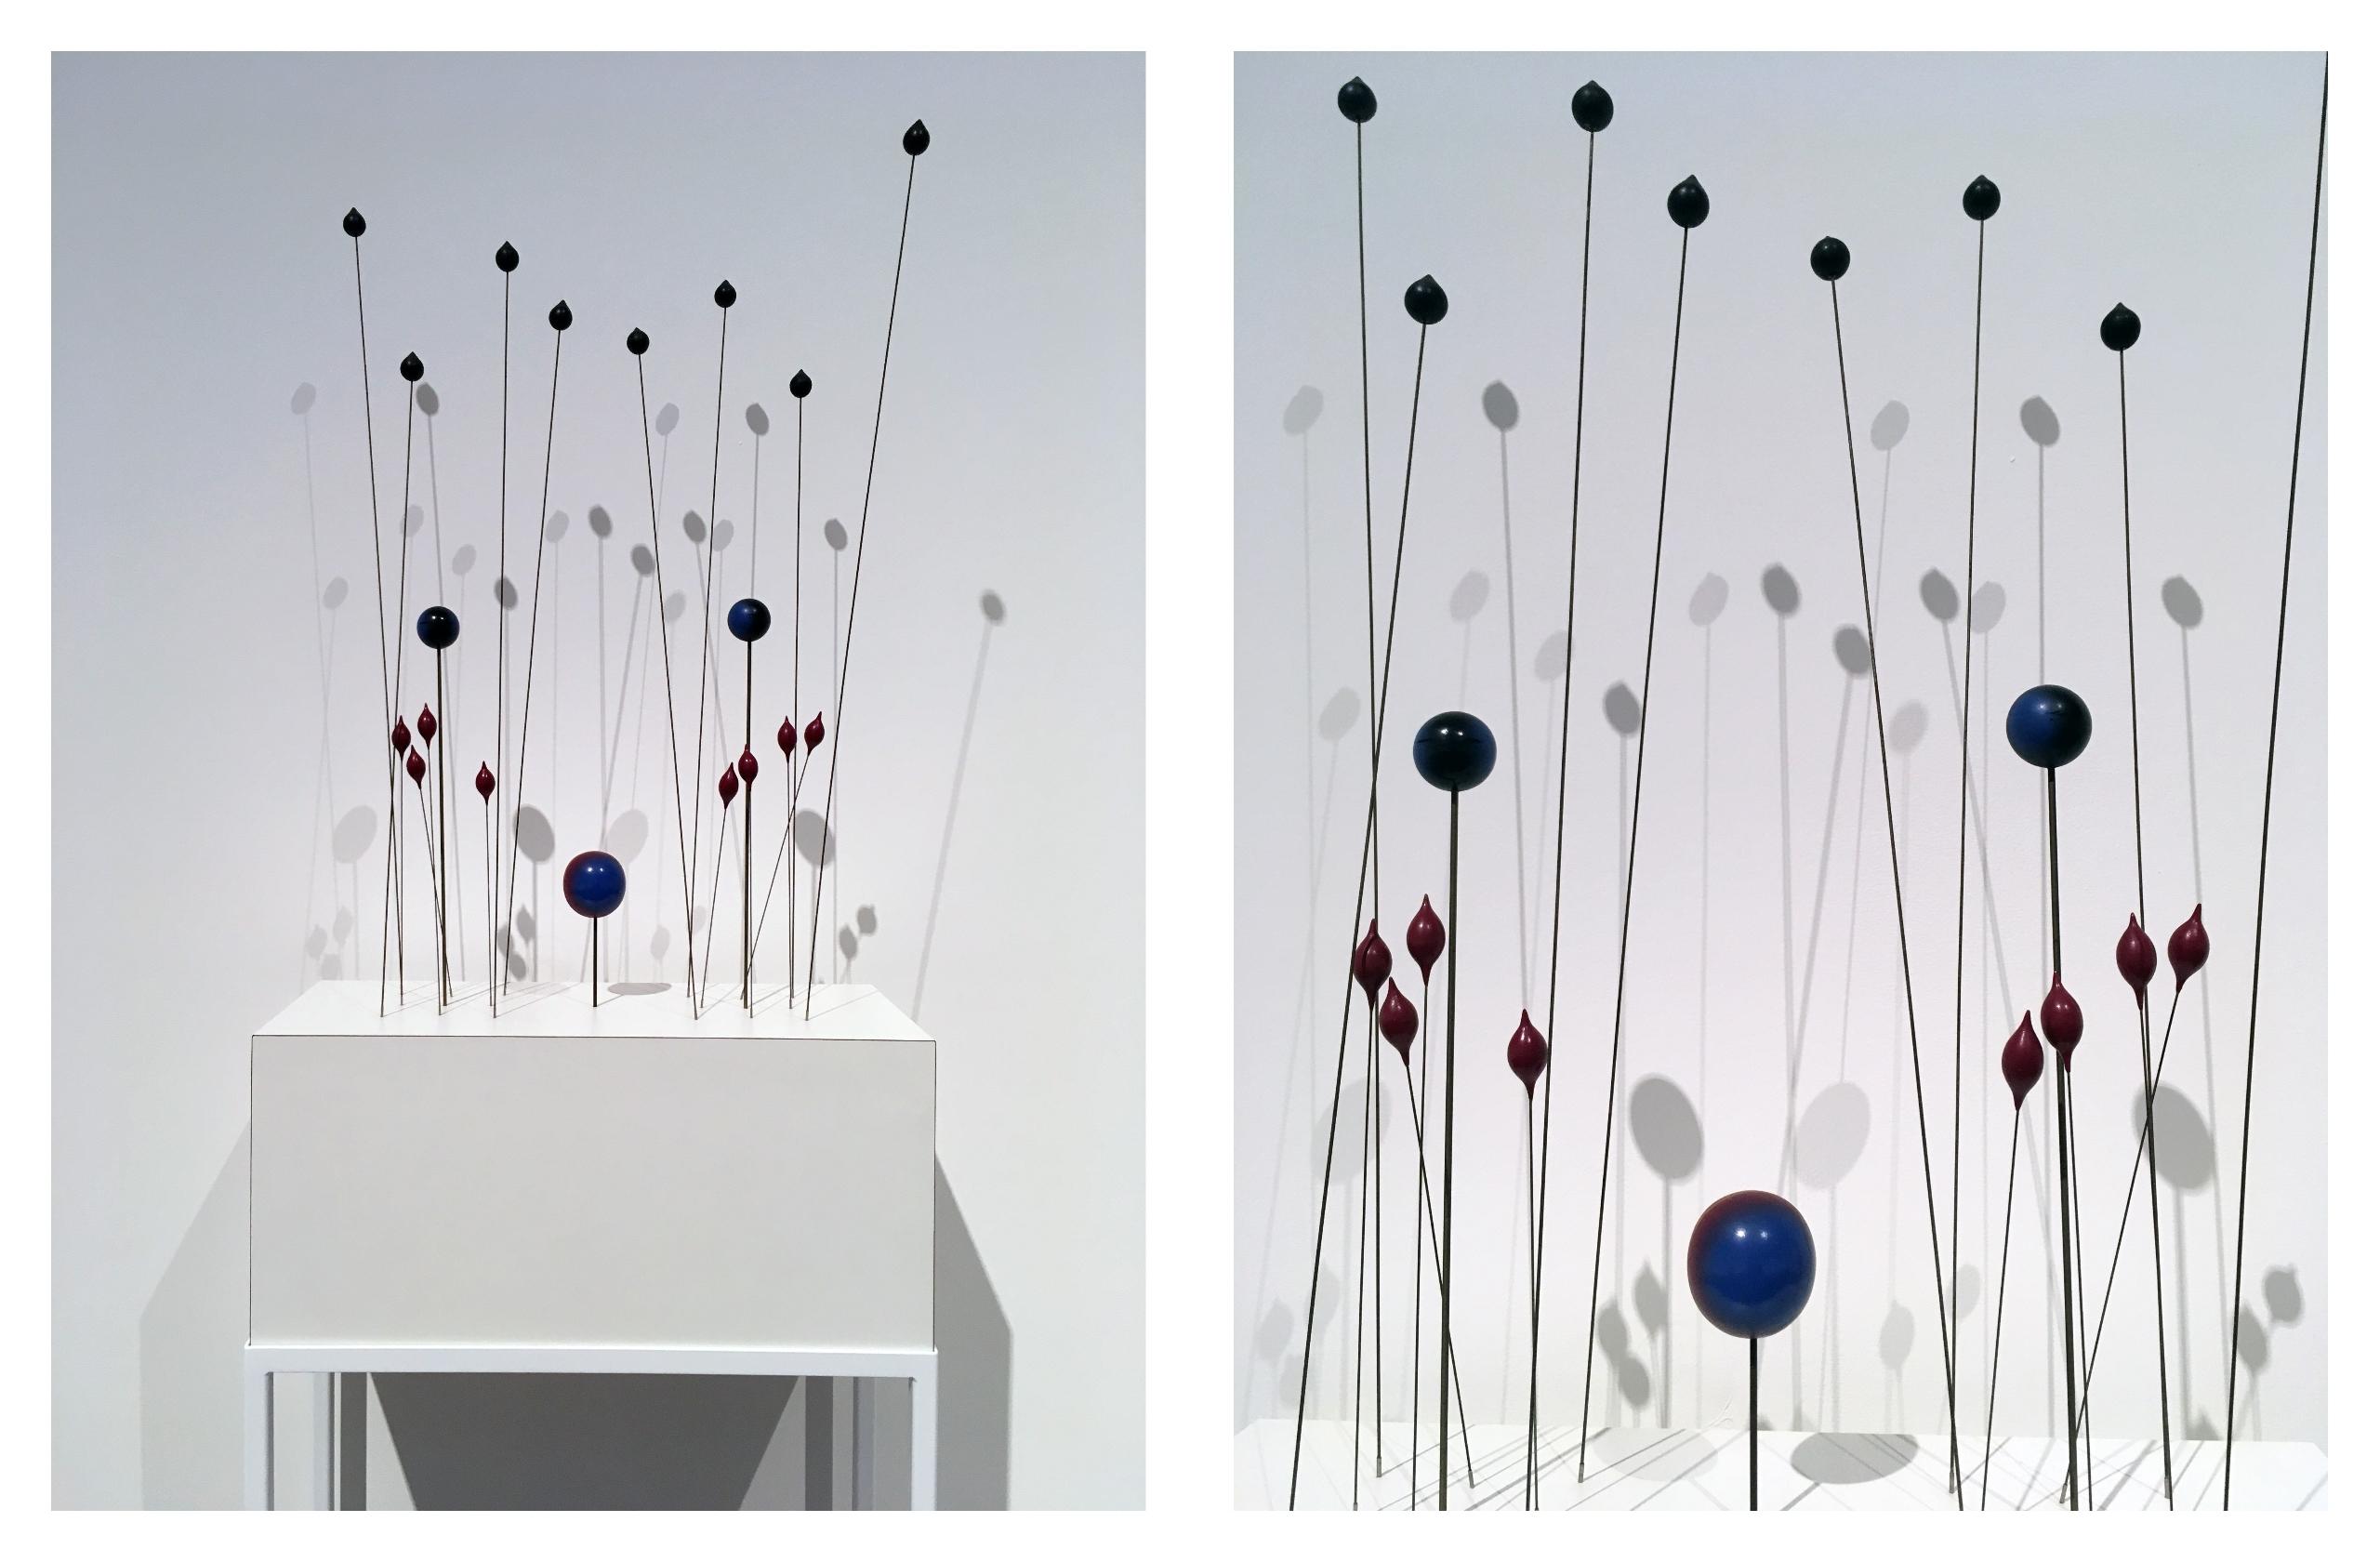 Obraz przedstawia dwa zdjęcia rzeźby składającej się z patyczków, na których końcach zamieszczone są figury geometryczne.